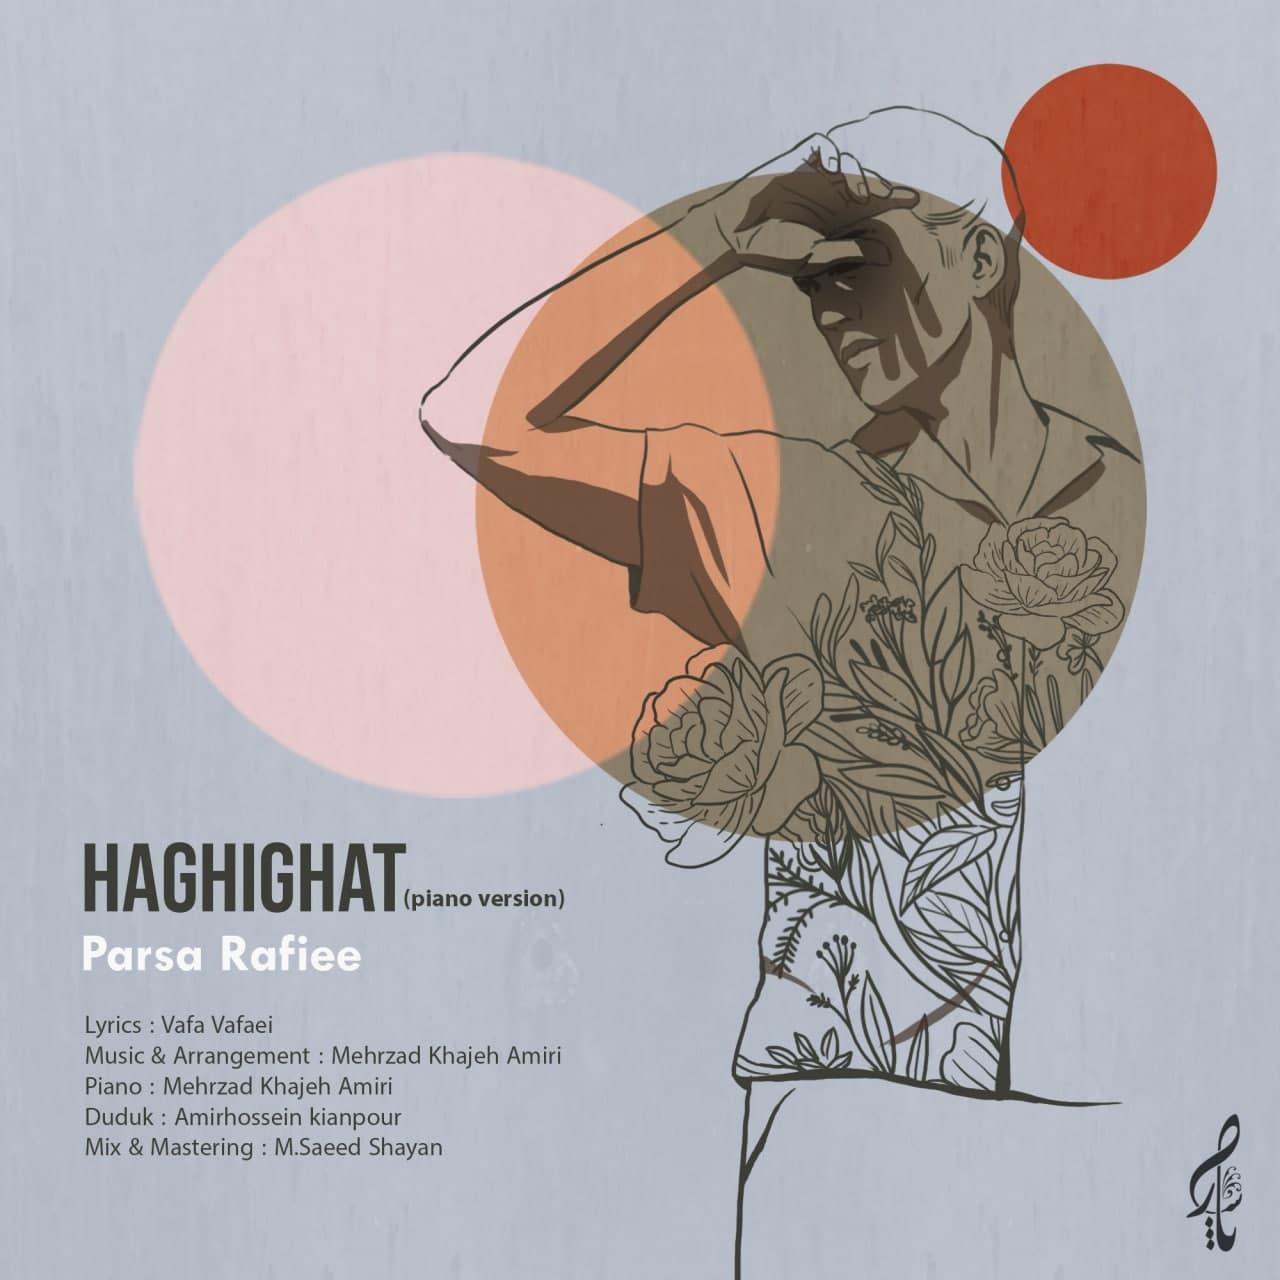 دانلود آهنگ حقیقت (پیانو ورژن) از پارسا رفیعی